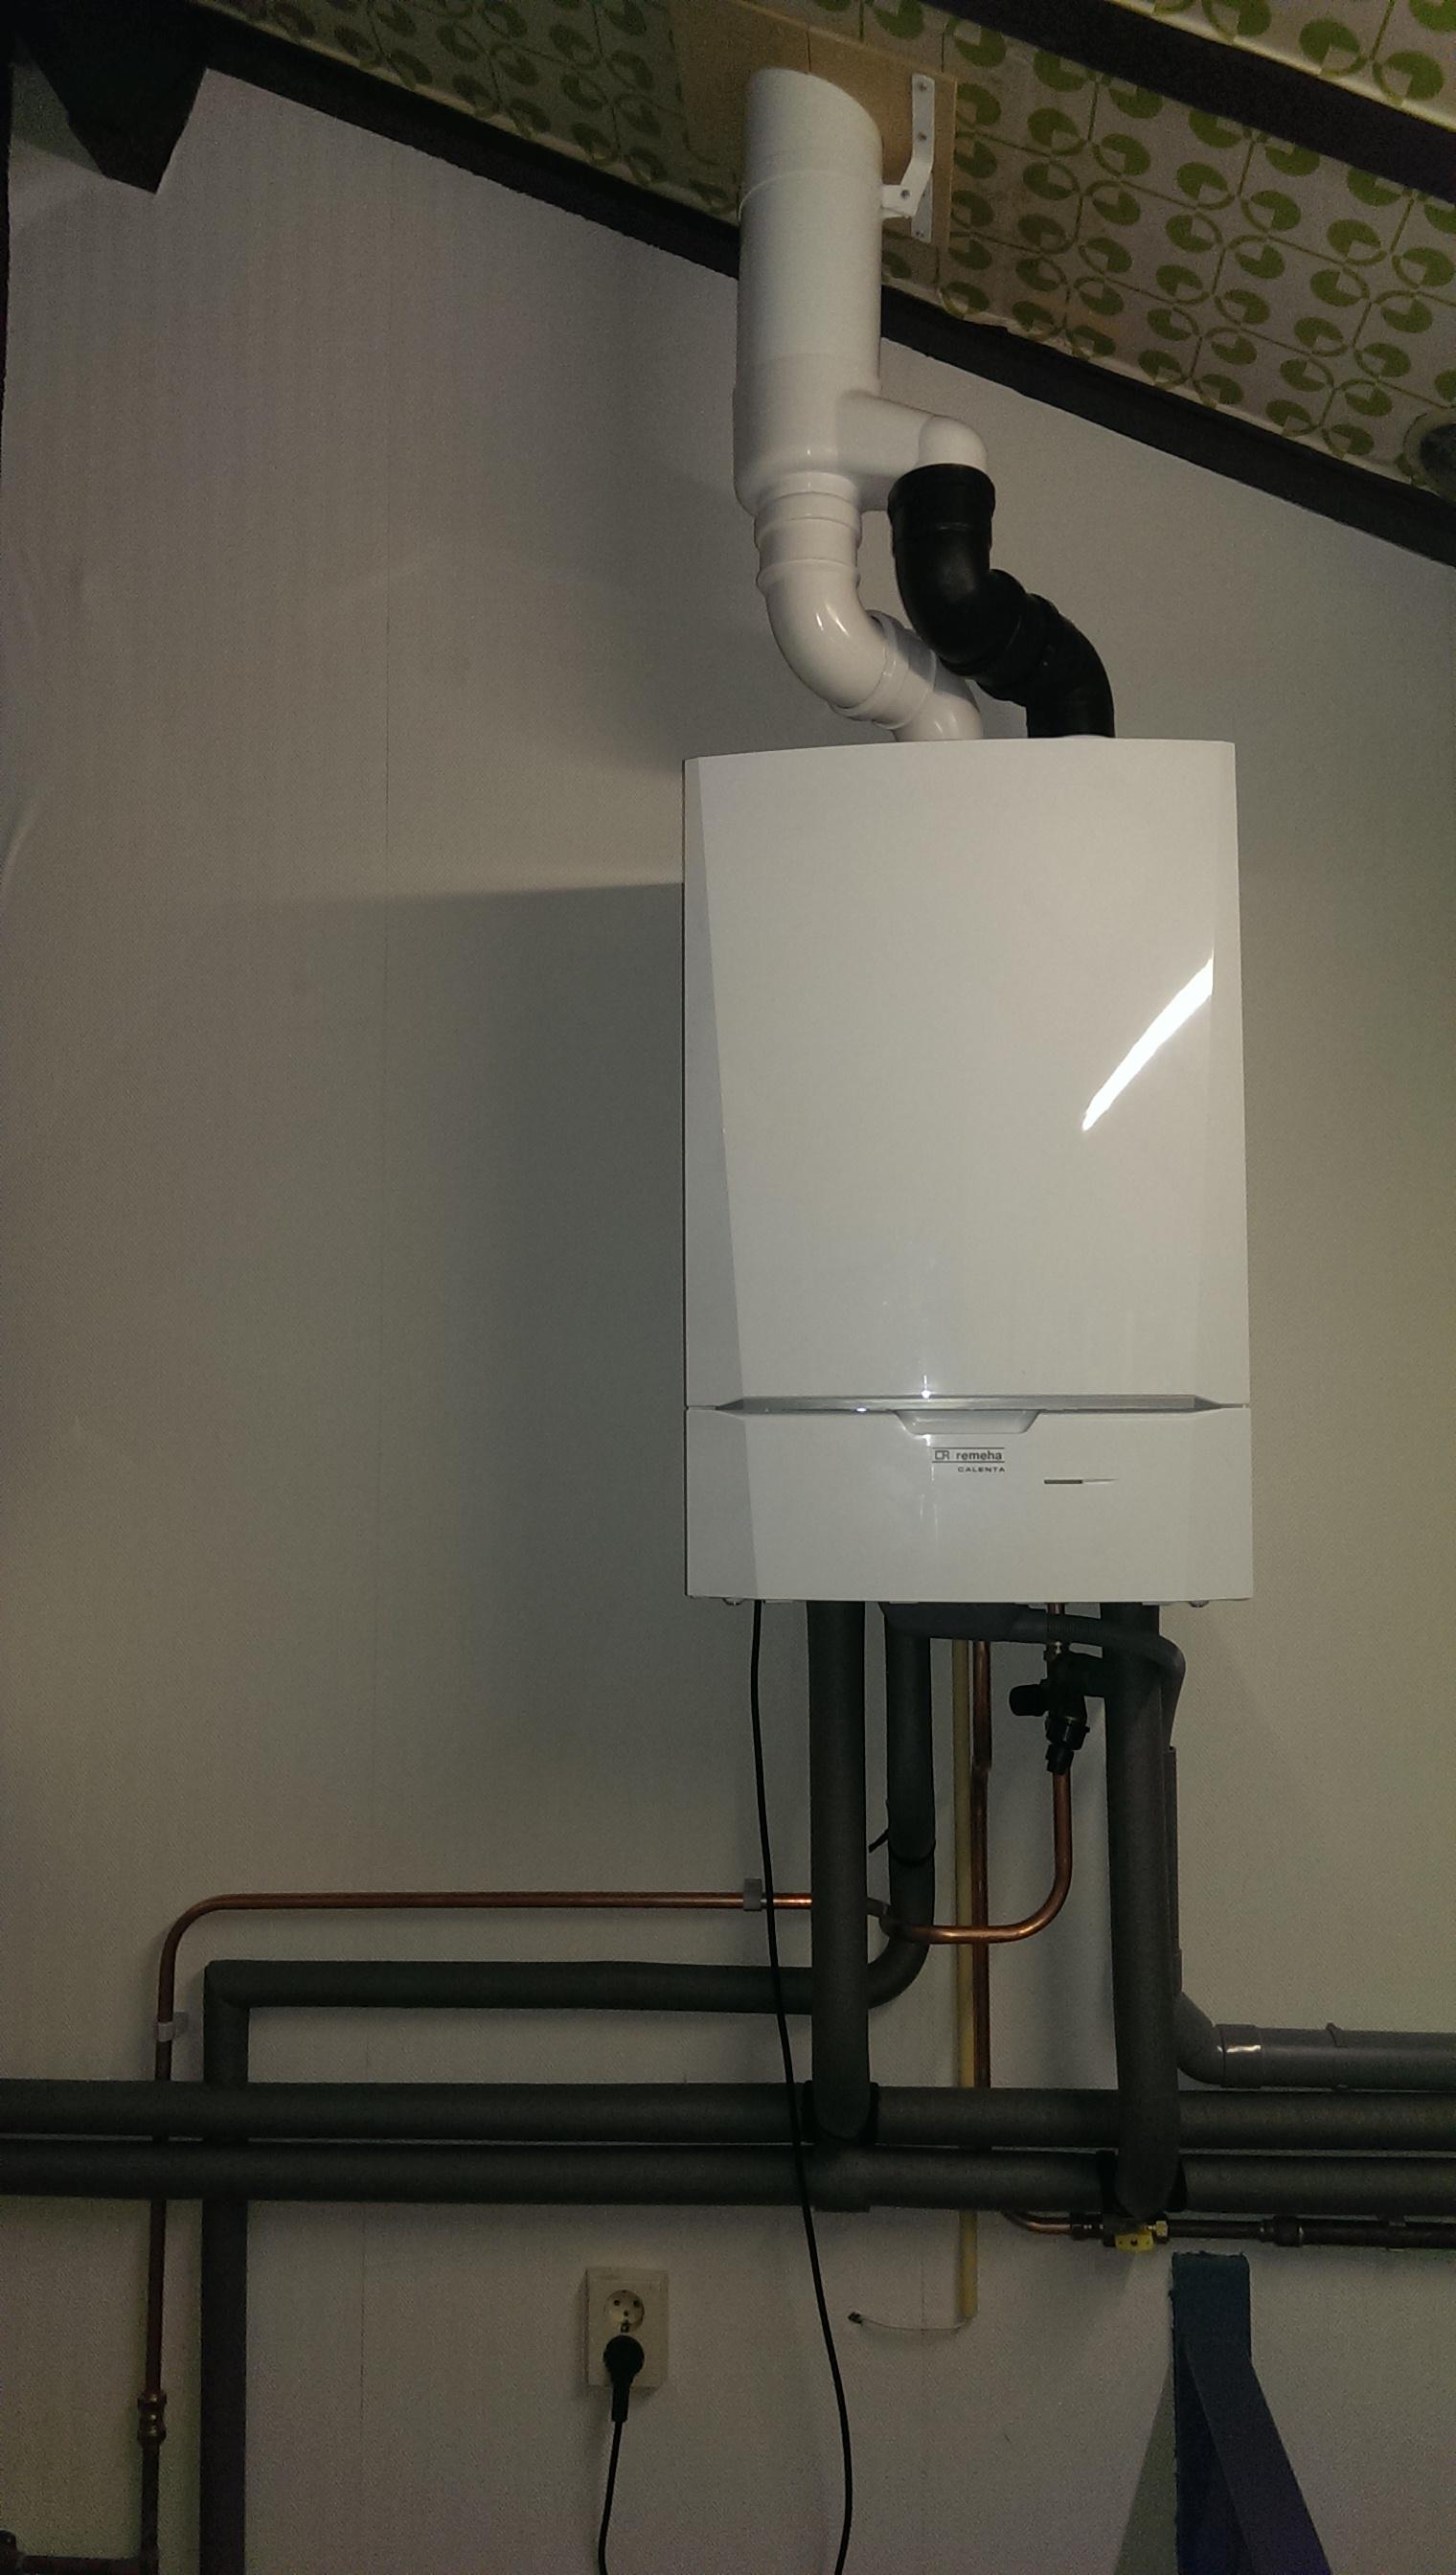 zelf nieuwe ketel installeren remeha calenta 40c  u2013 diy stuff nl